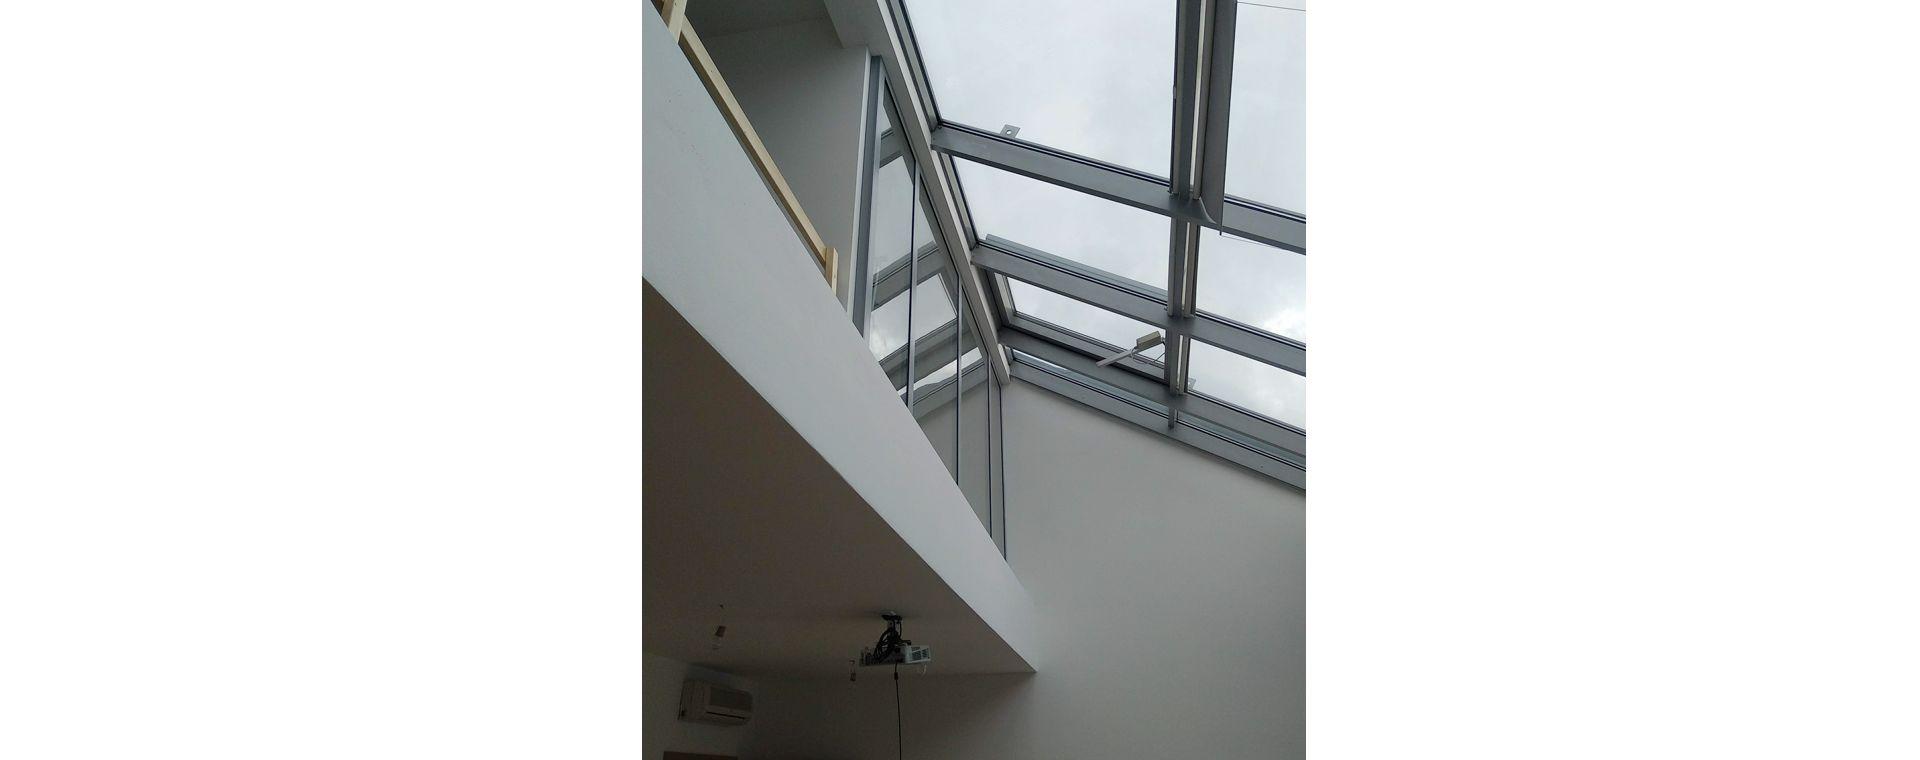 Realizace duplexu na Praze 8, duplex, mezonet, loft, Na Kopečku 2, Praha 8, 2017-2019, CZ